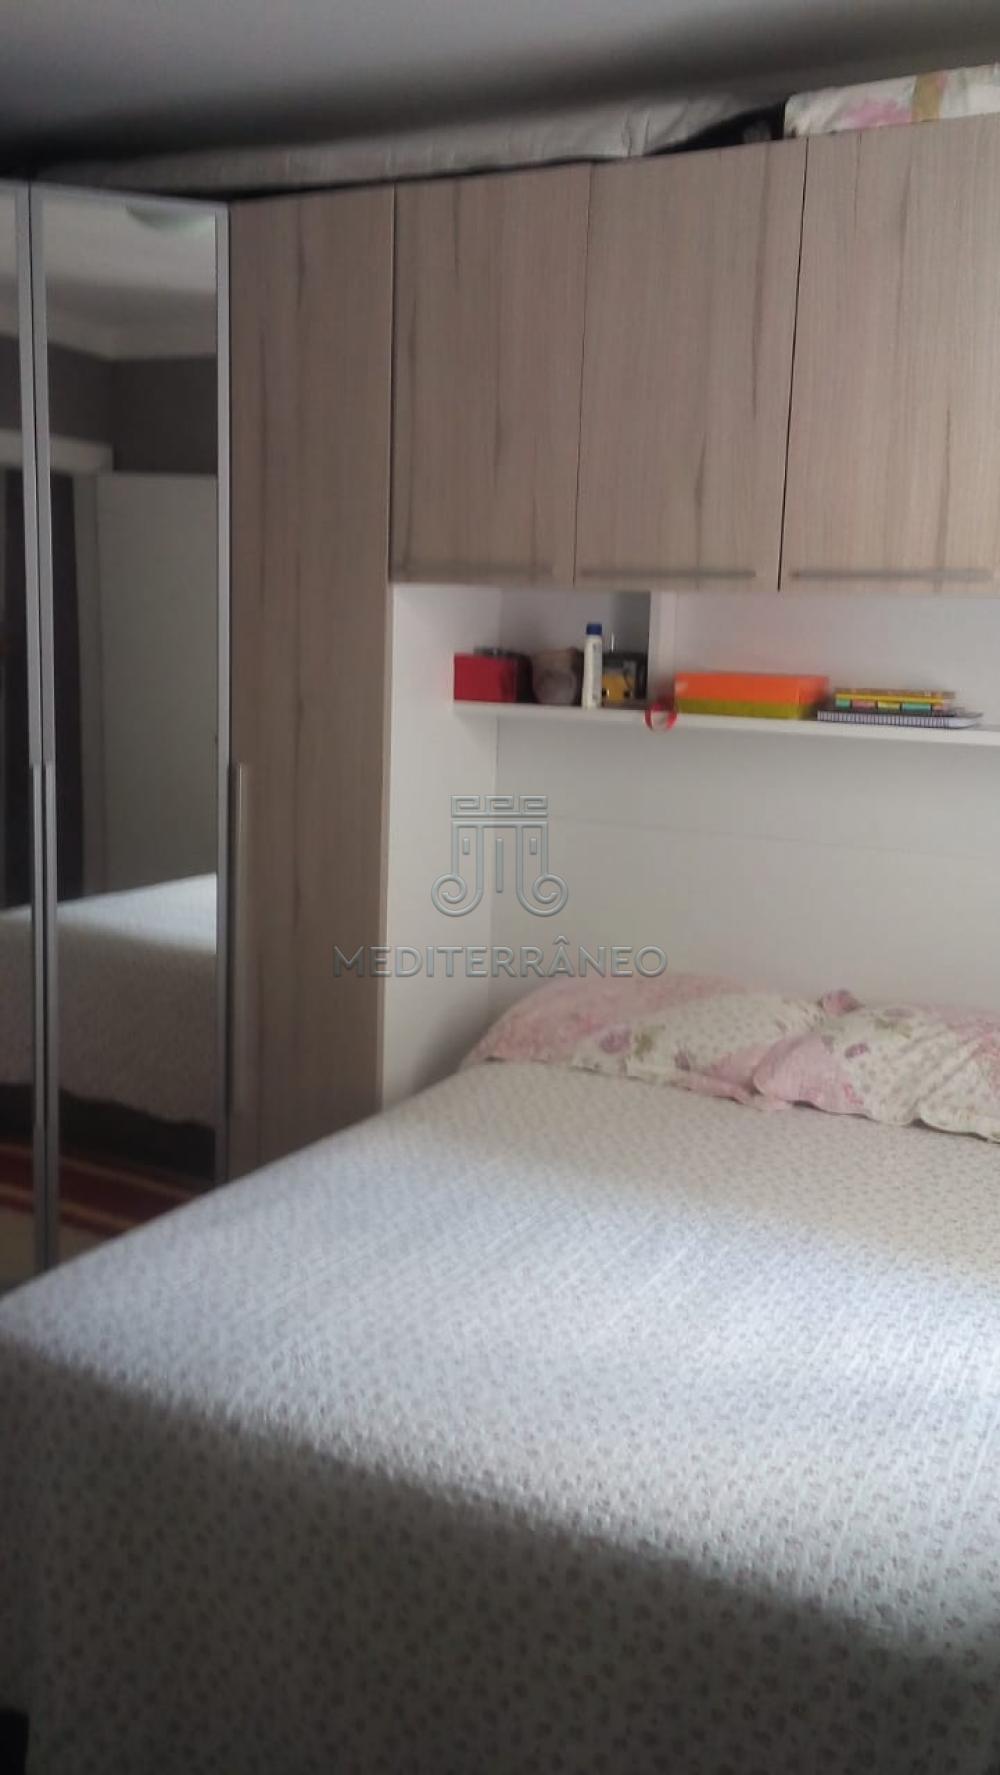 Comprar Apartamento / Padrão em Jundiaí apenas R$ 455.000,00 - Foto 10